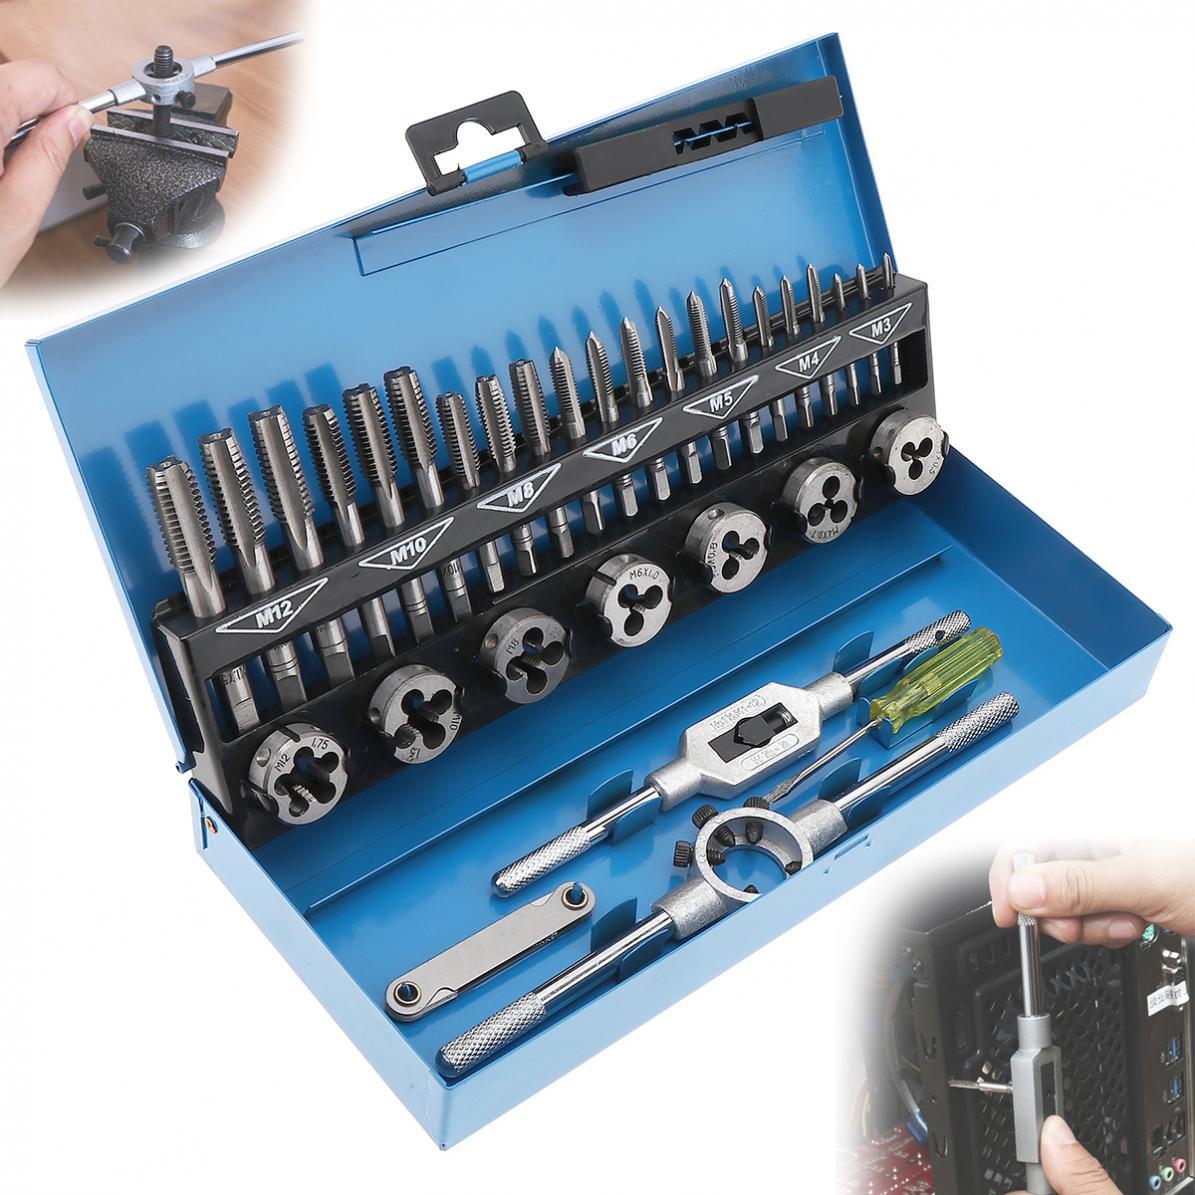 32 teile/satz HSS Metric Tap & Die Set M3-M12 1st 2nd & Stecker Finishing für Metallbearbeitung Hand tool set kombination werkzeuge